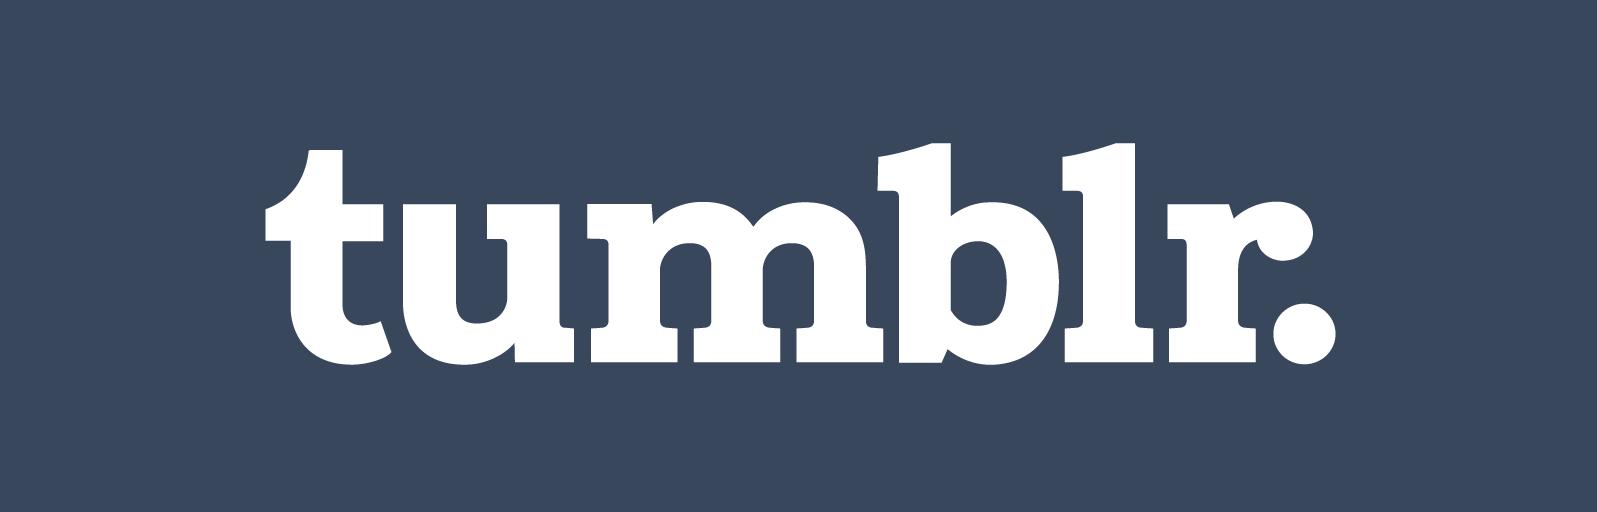 Tumblrのロゴマーク